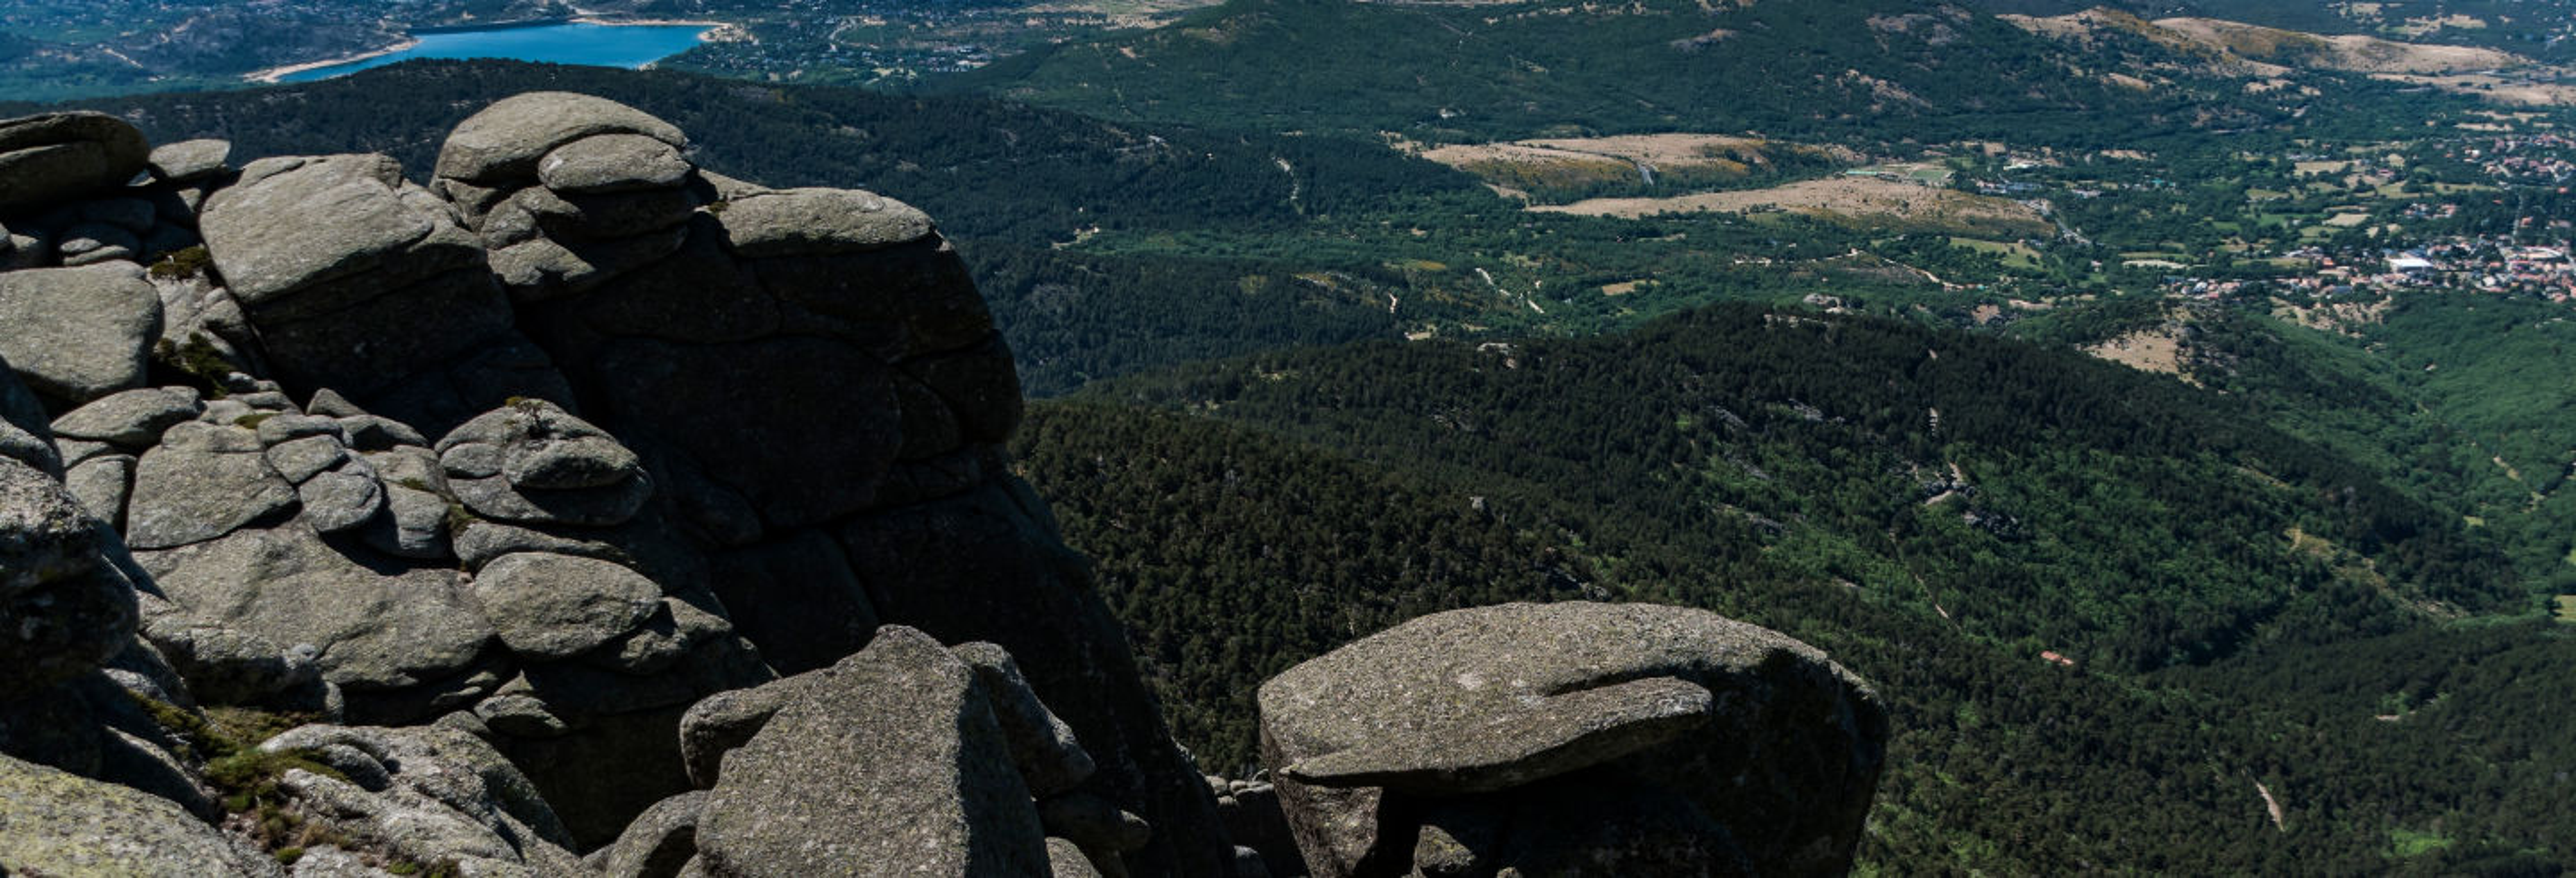 Senderismo por la Sierra de Guadarrama